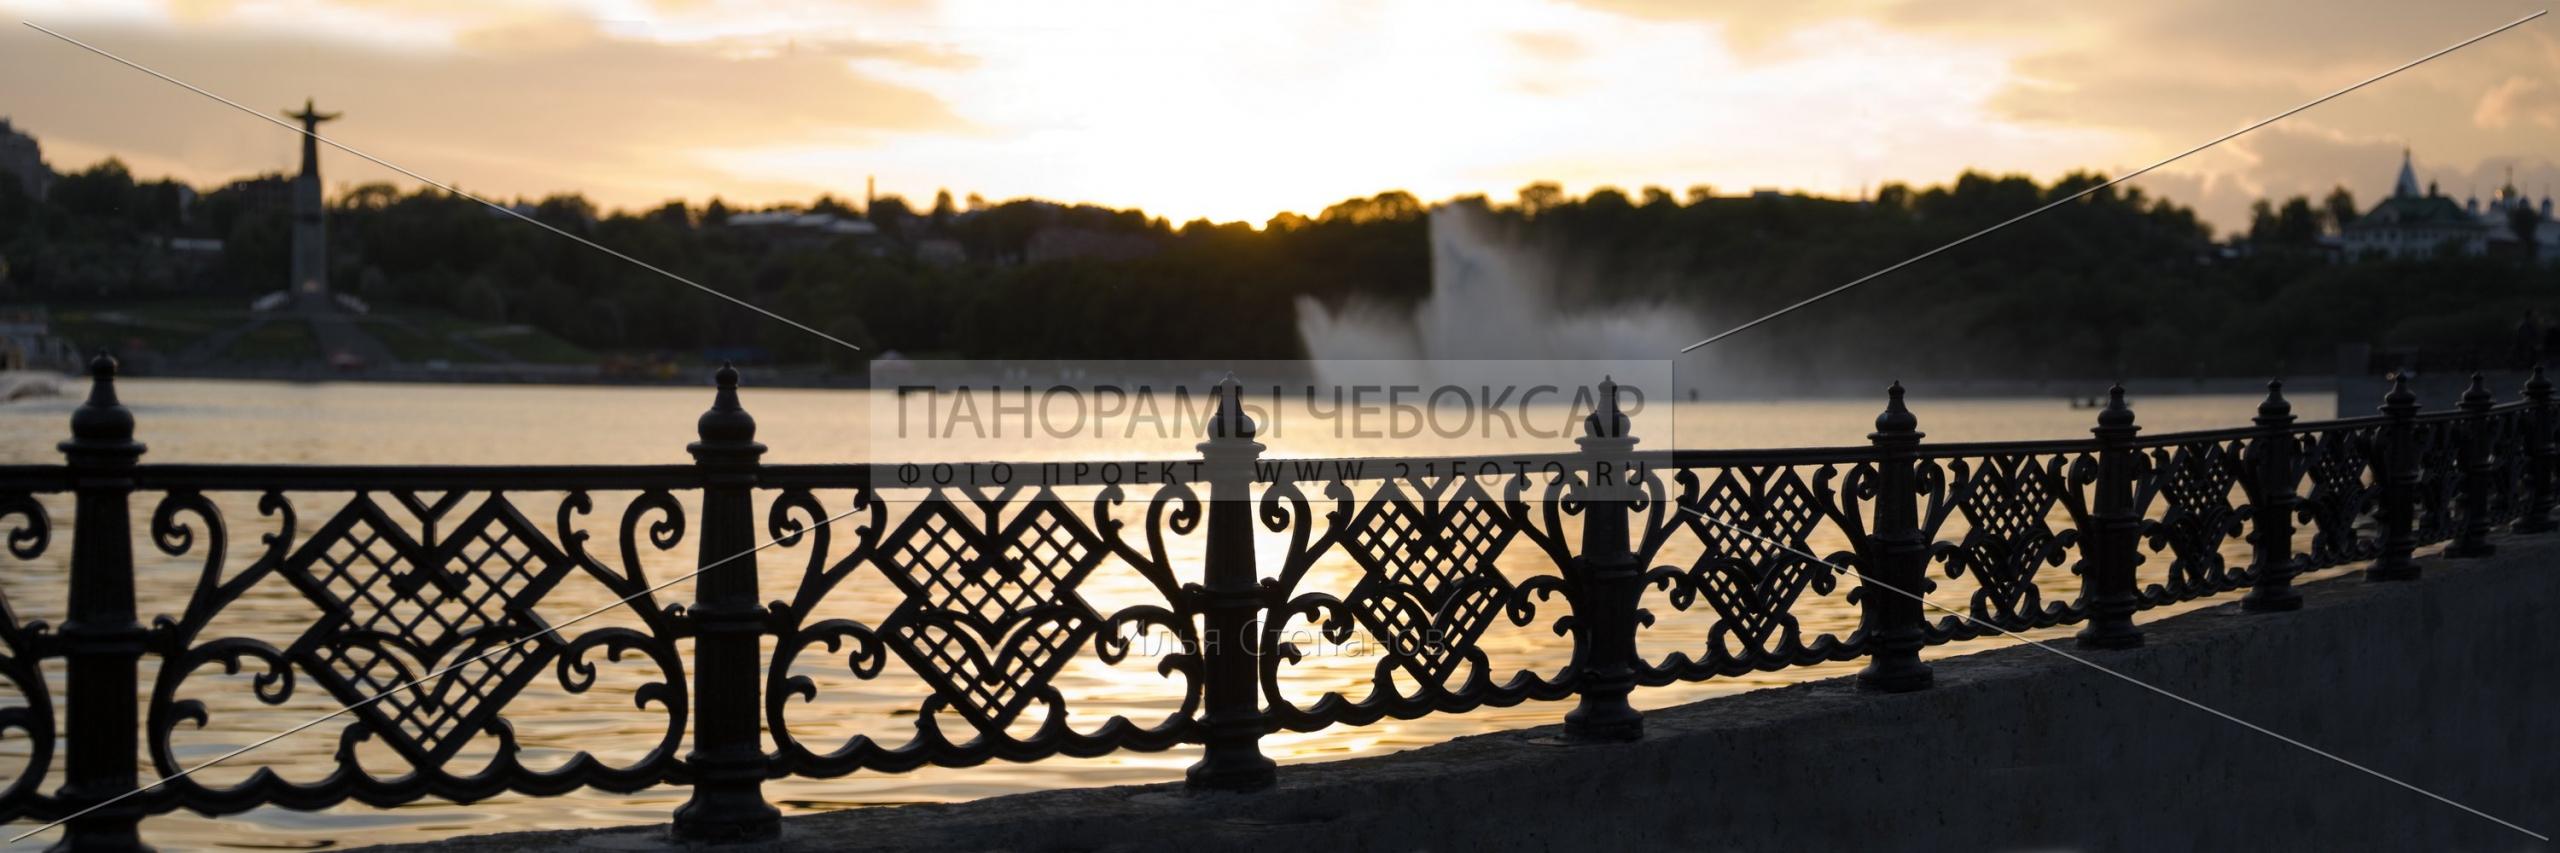 Вечерние фонтаны — Илья Степанов — Чебоксары